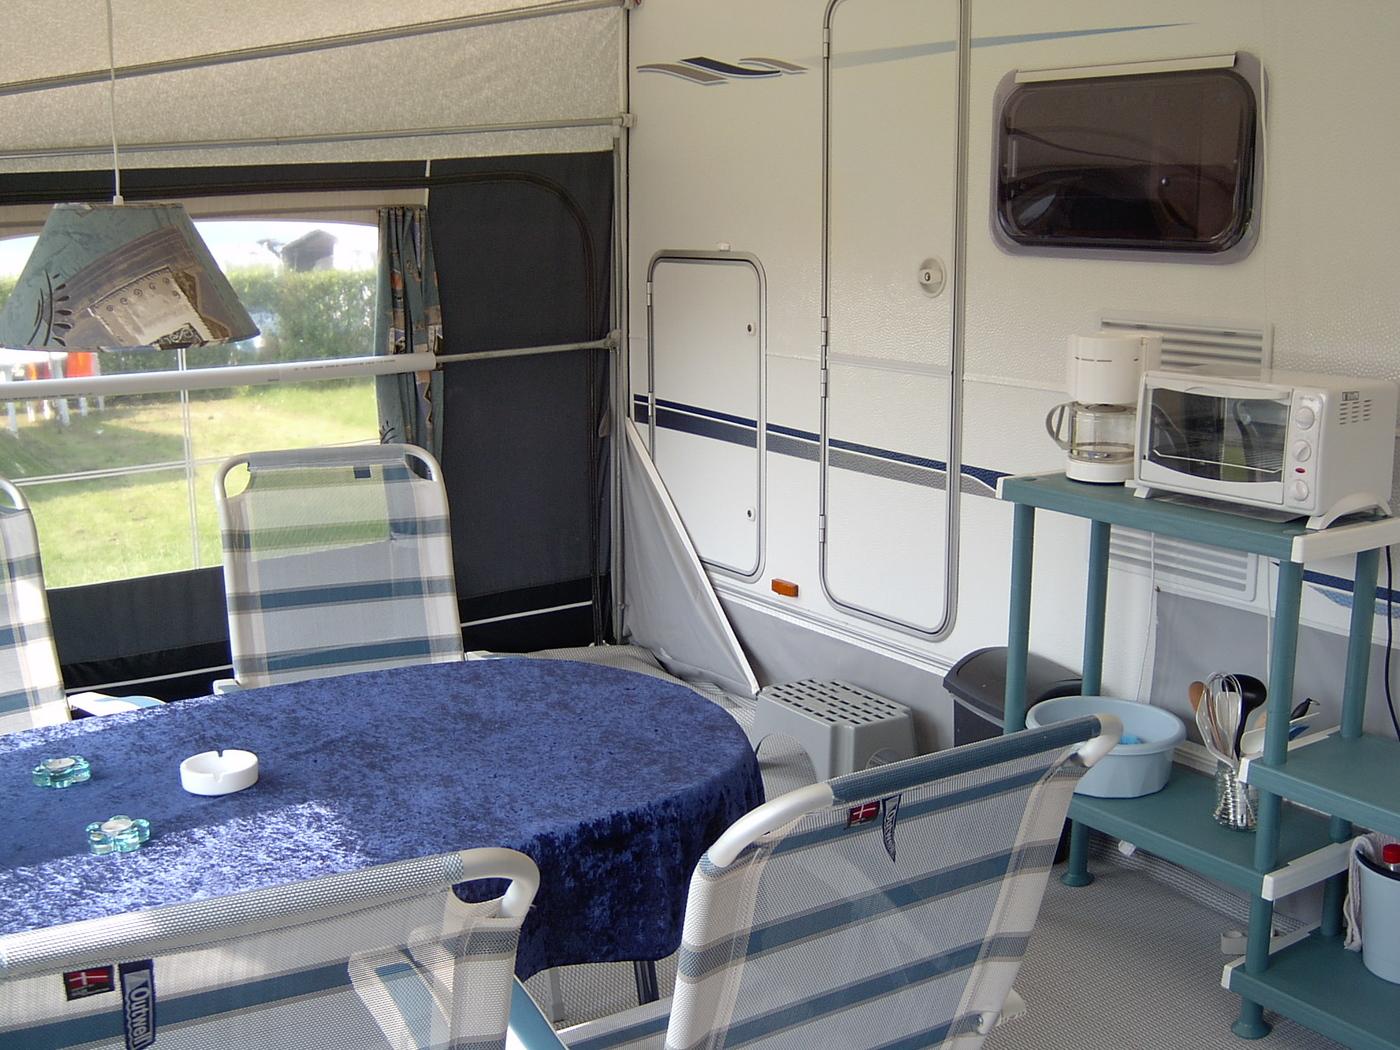 Thumb udlejning af campingvogne i nordjylland aalborg